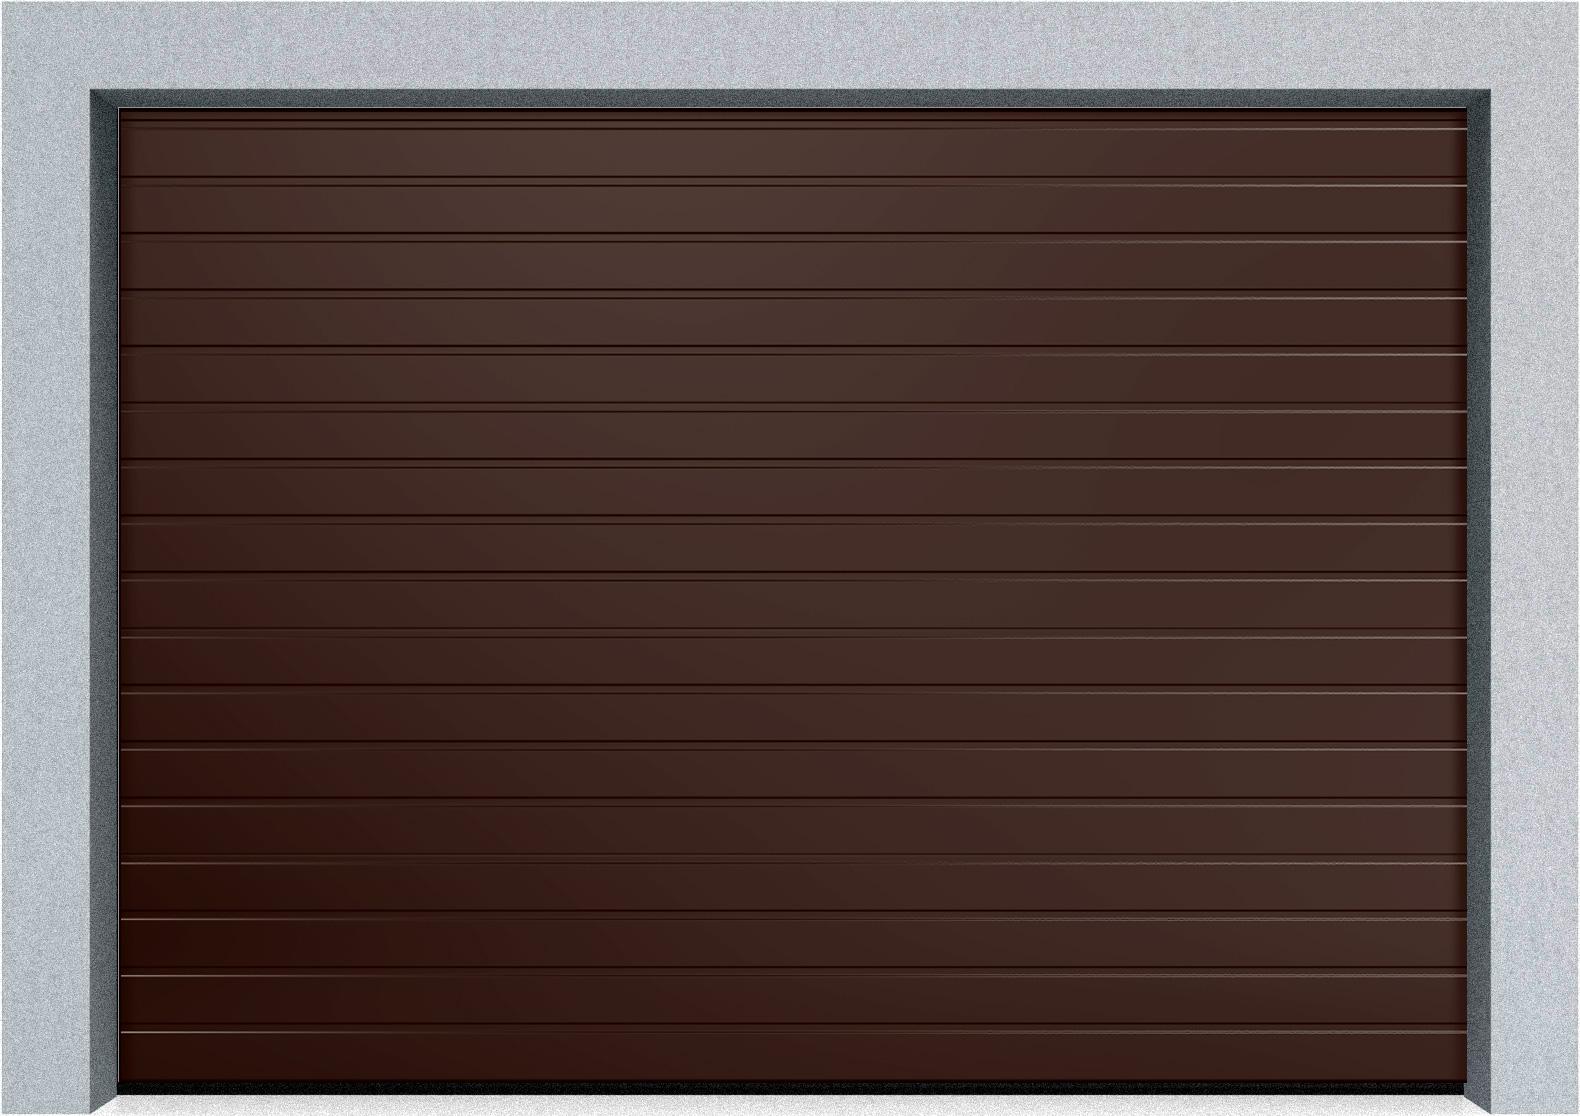 Секционные промышленные ворота Alutech ProTrend 2875х2375 S-гофр, Микроволна стандартные цвета, фото 3